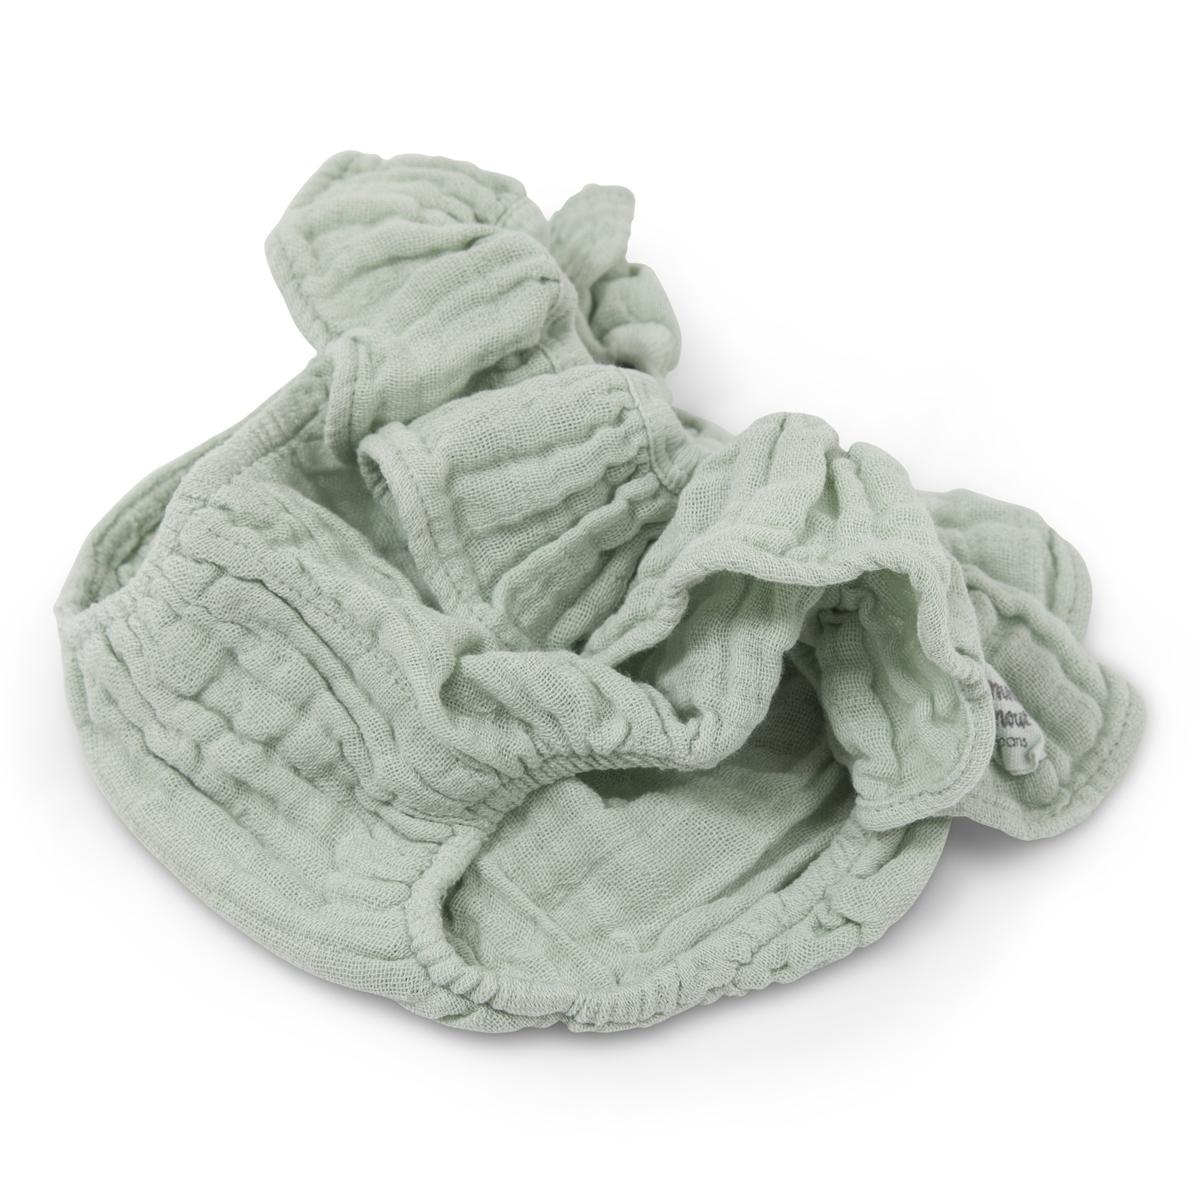 Accessoires Bébé Culotte de Bain Jane Menthe - 3 Mois Culotte de Bain Jane Menthe - 3 Mois